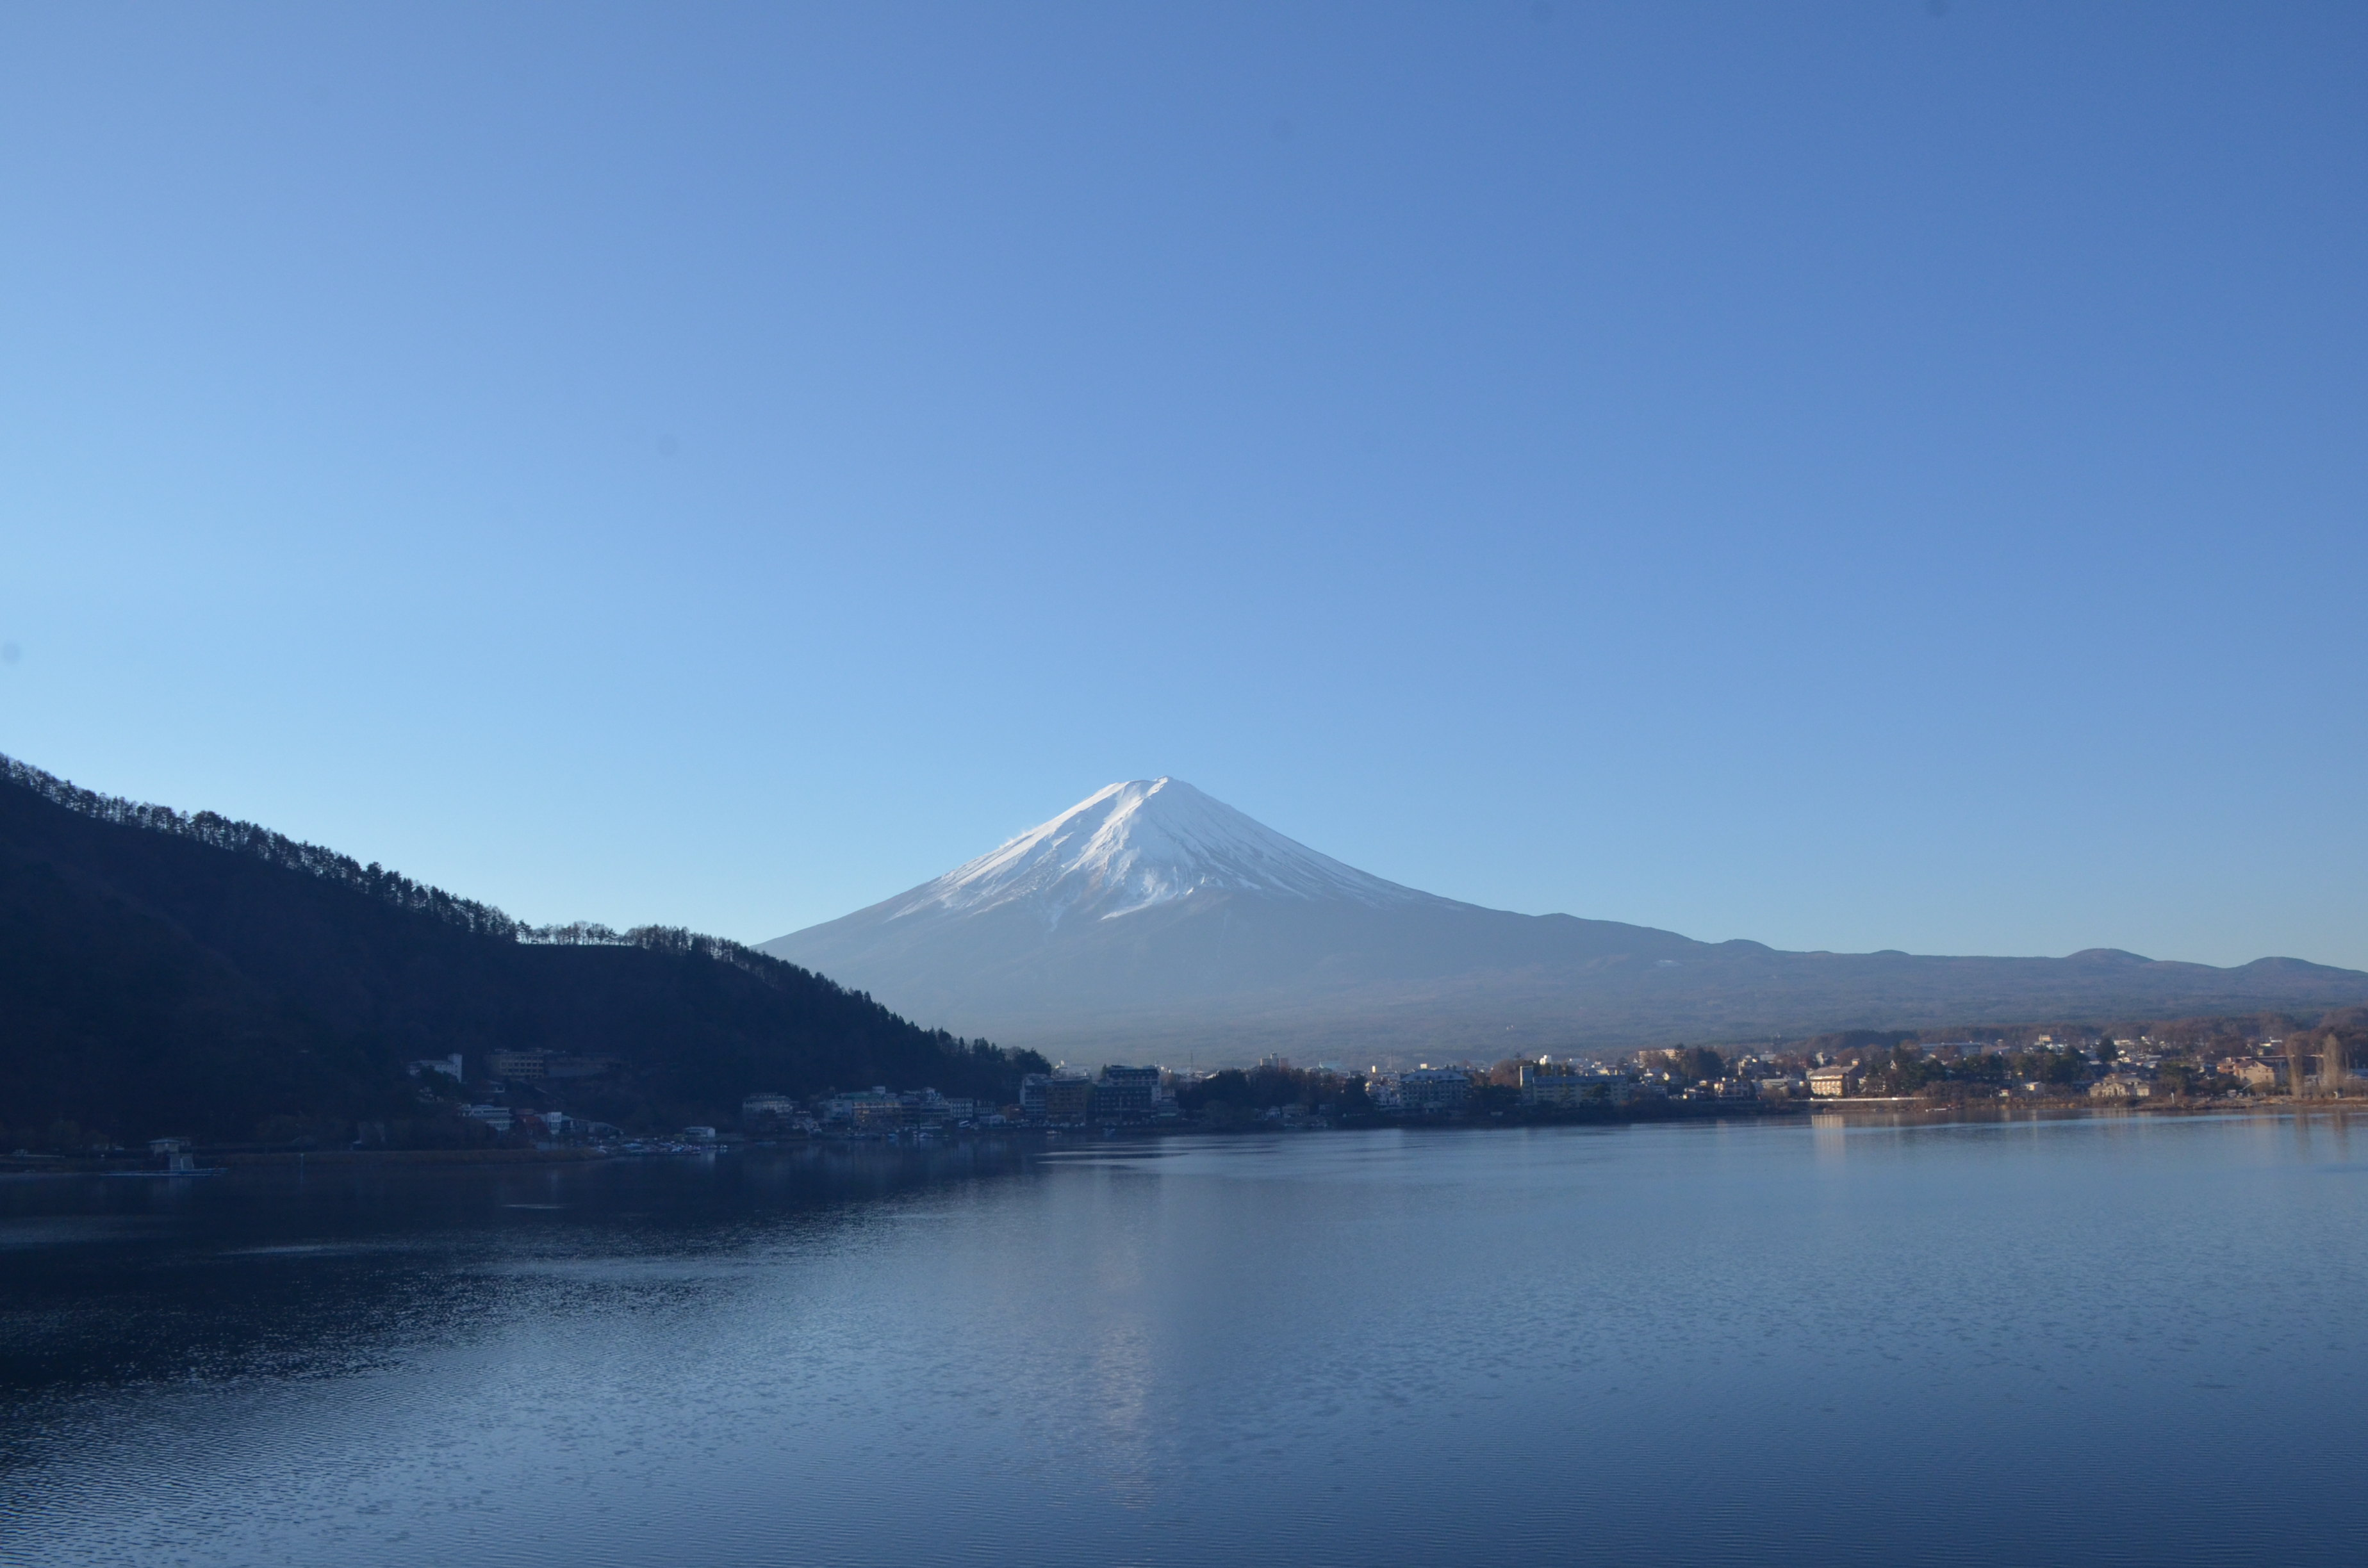 富士山旅游攻略-富士山一日游怎么安排,富士山最佳旅游时间 ...